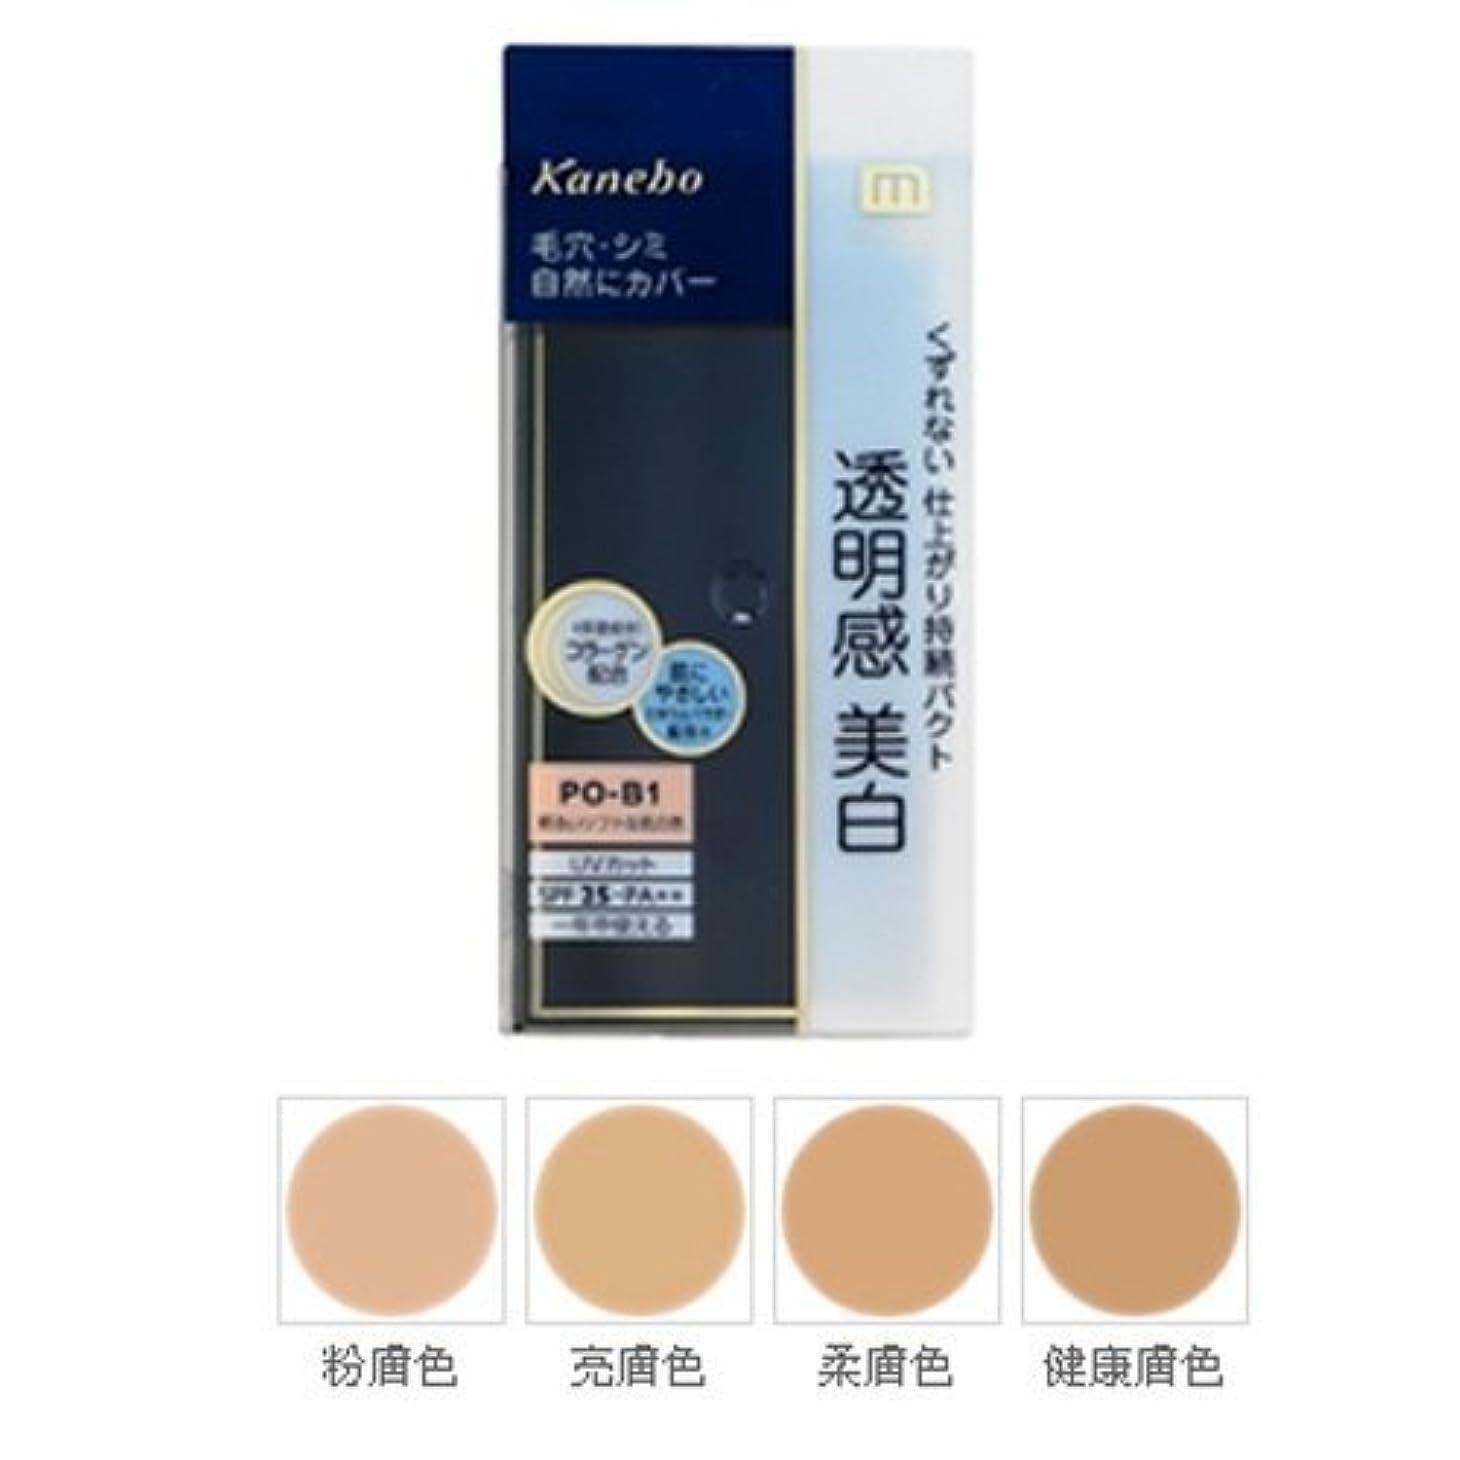 雄弁な調査出力カネボウ メディア(media)ホワイトニングパクトA III カラー:OC-E1